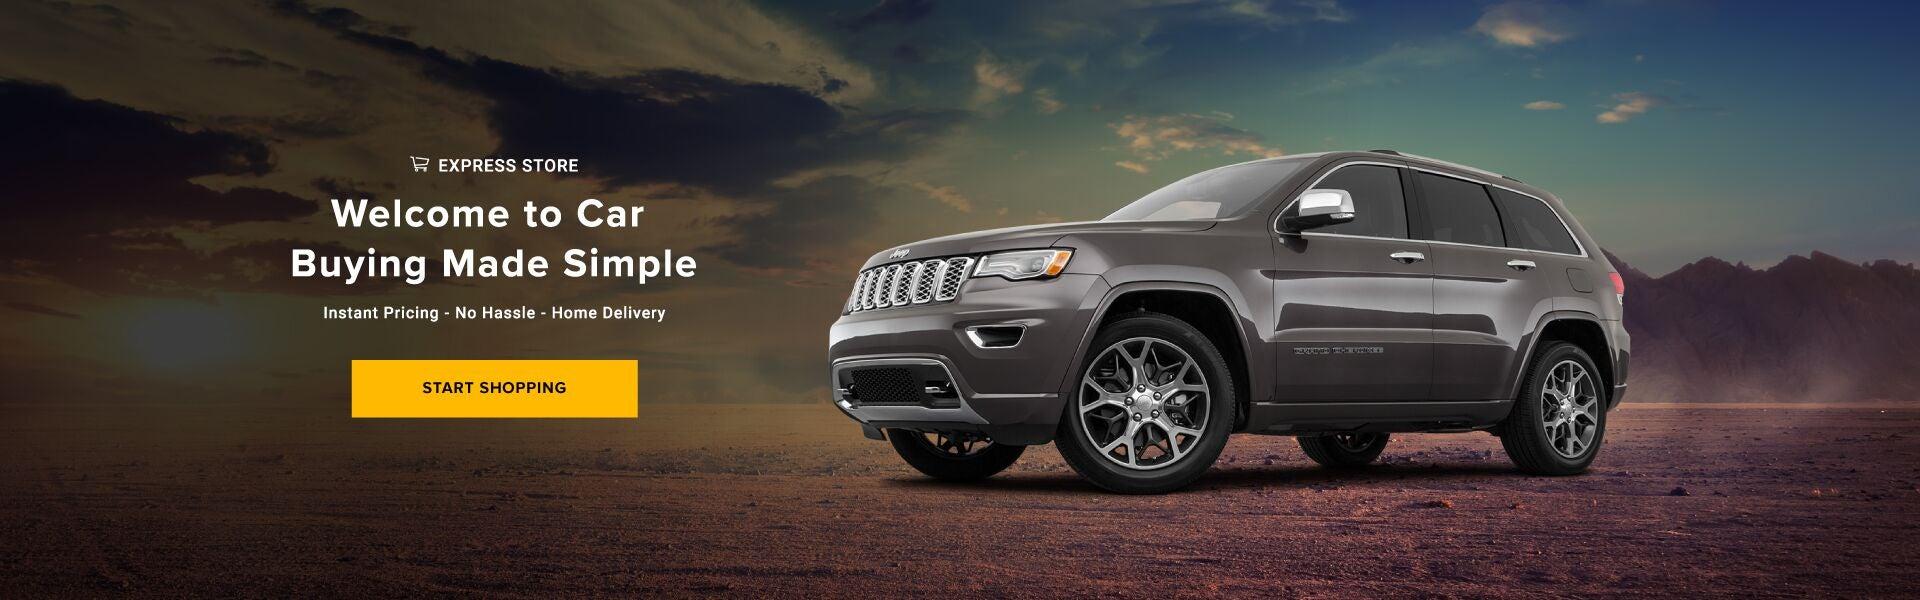 Jeep Dealers Near Me >> Bedford Hills Chrysler Dodge Jeep Ram Dealer In Bedford